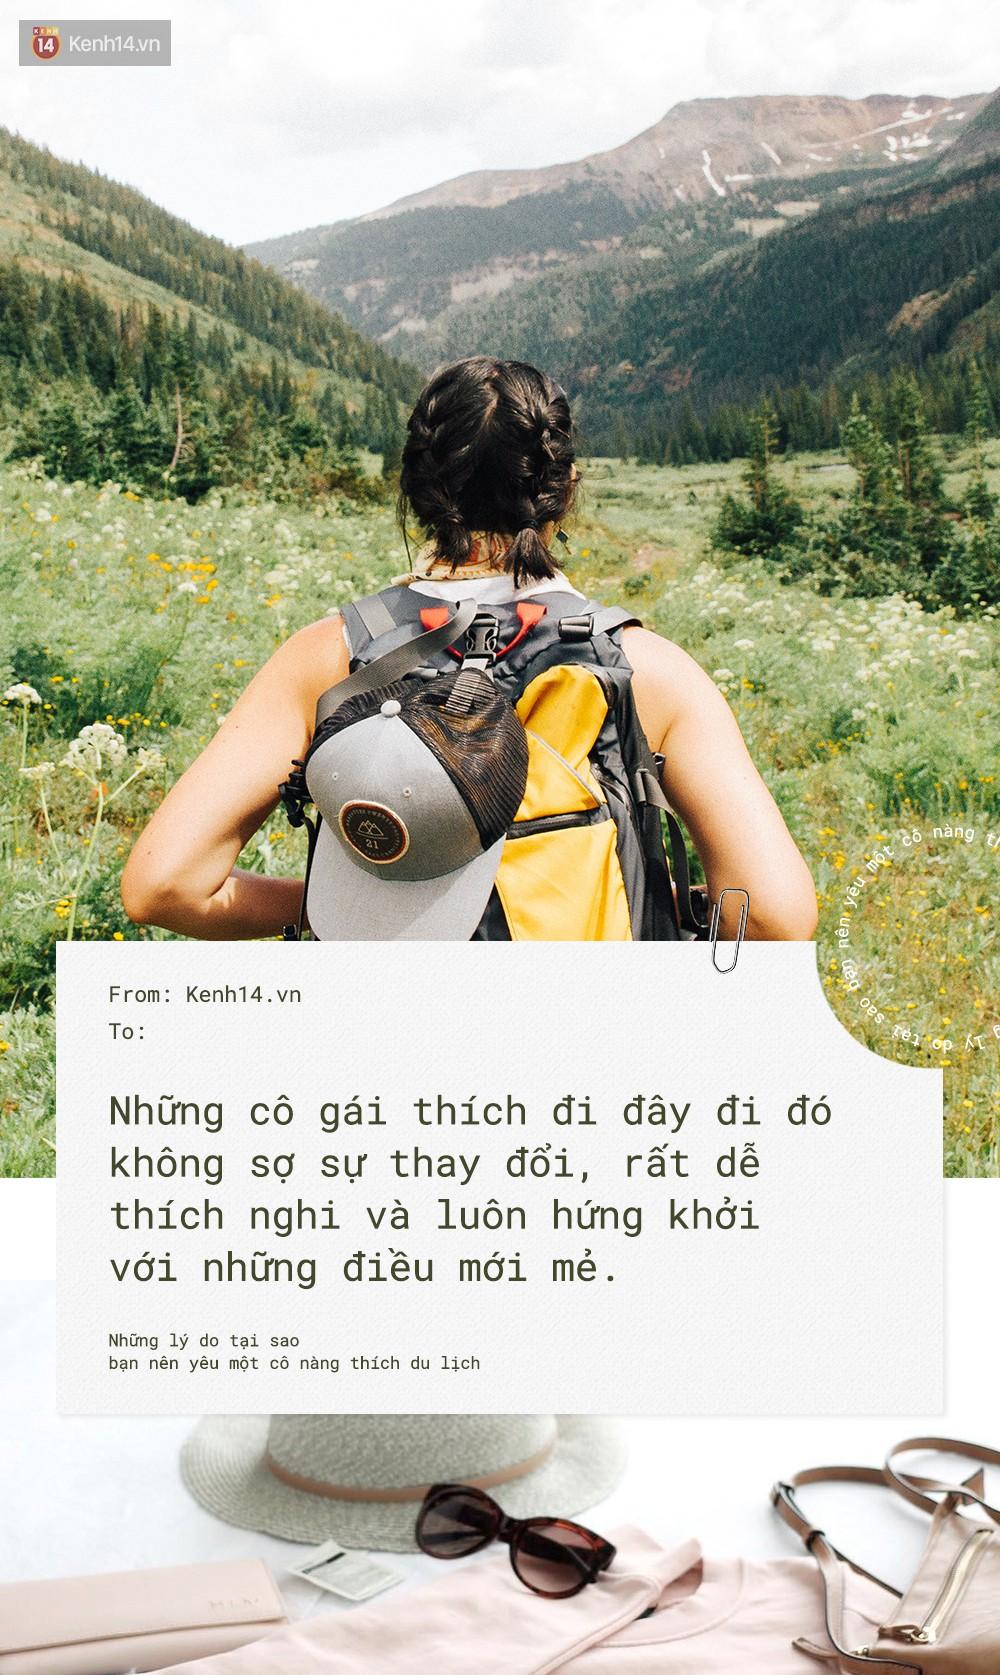 9 lý do vì sao bạn nên cảm thấy hạnh phúc khi bạn gái thuộc team thích du lịch - Ảnh 5.